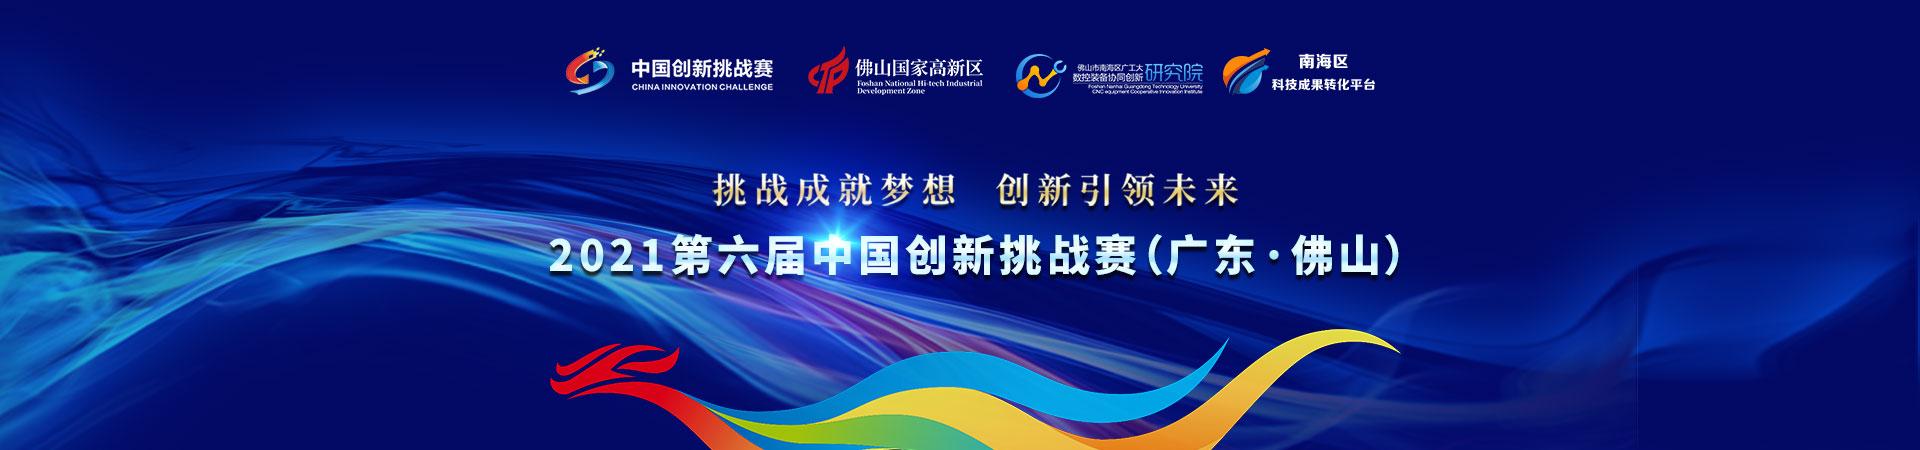 2021第六届中国创新挑战赛(广东·佛山)